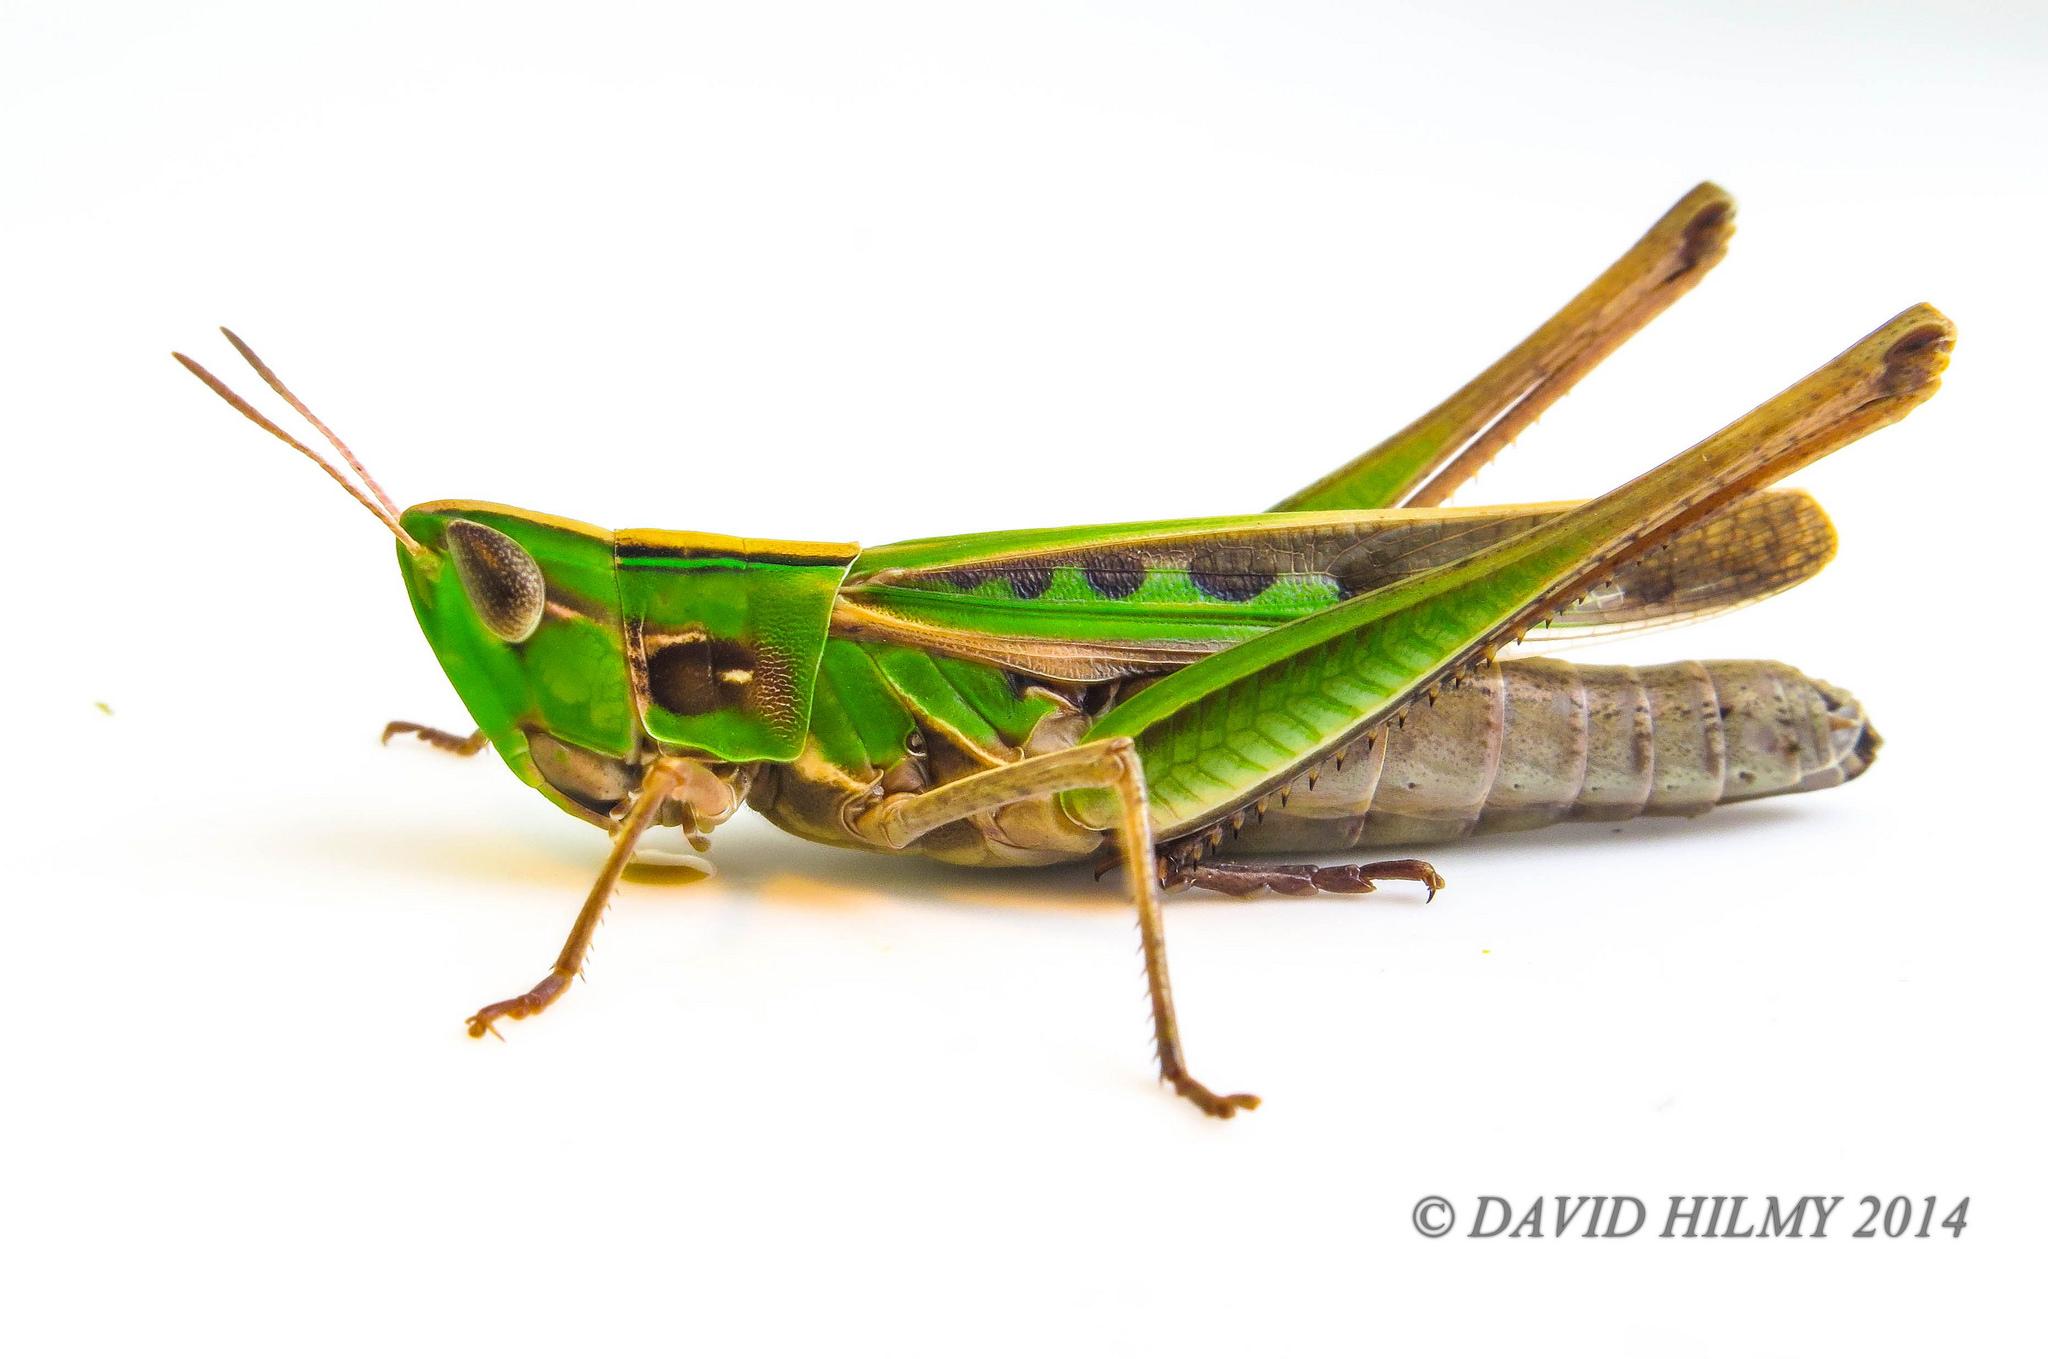 Admirable grasshopper photo